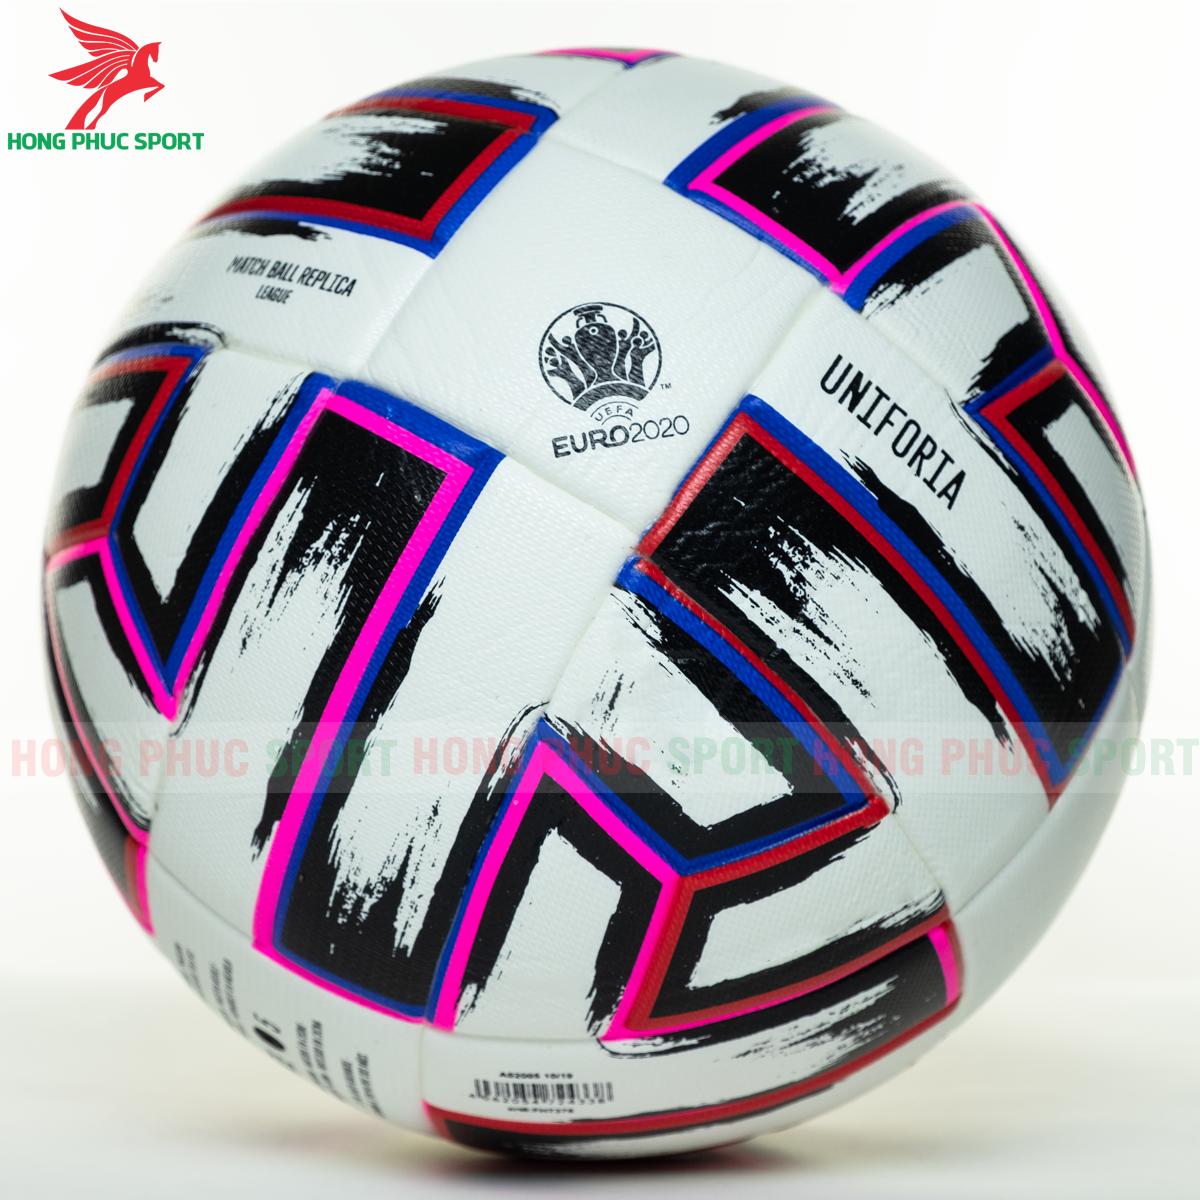 Quả bóng đá EURO 2020 mẫu 3